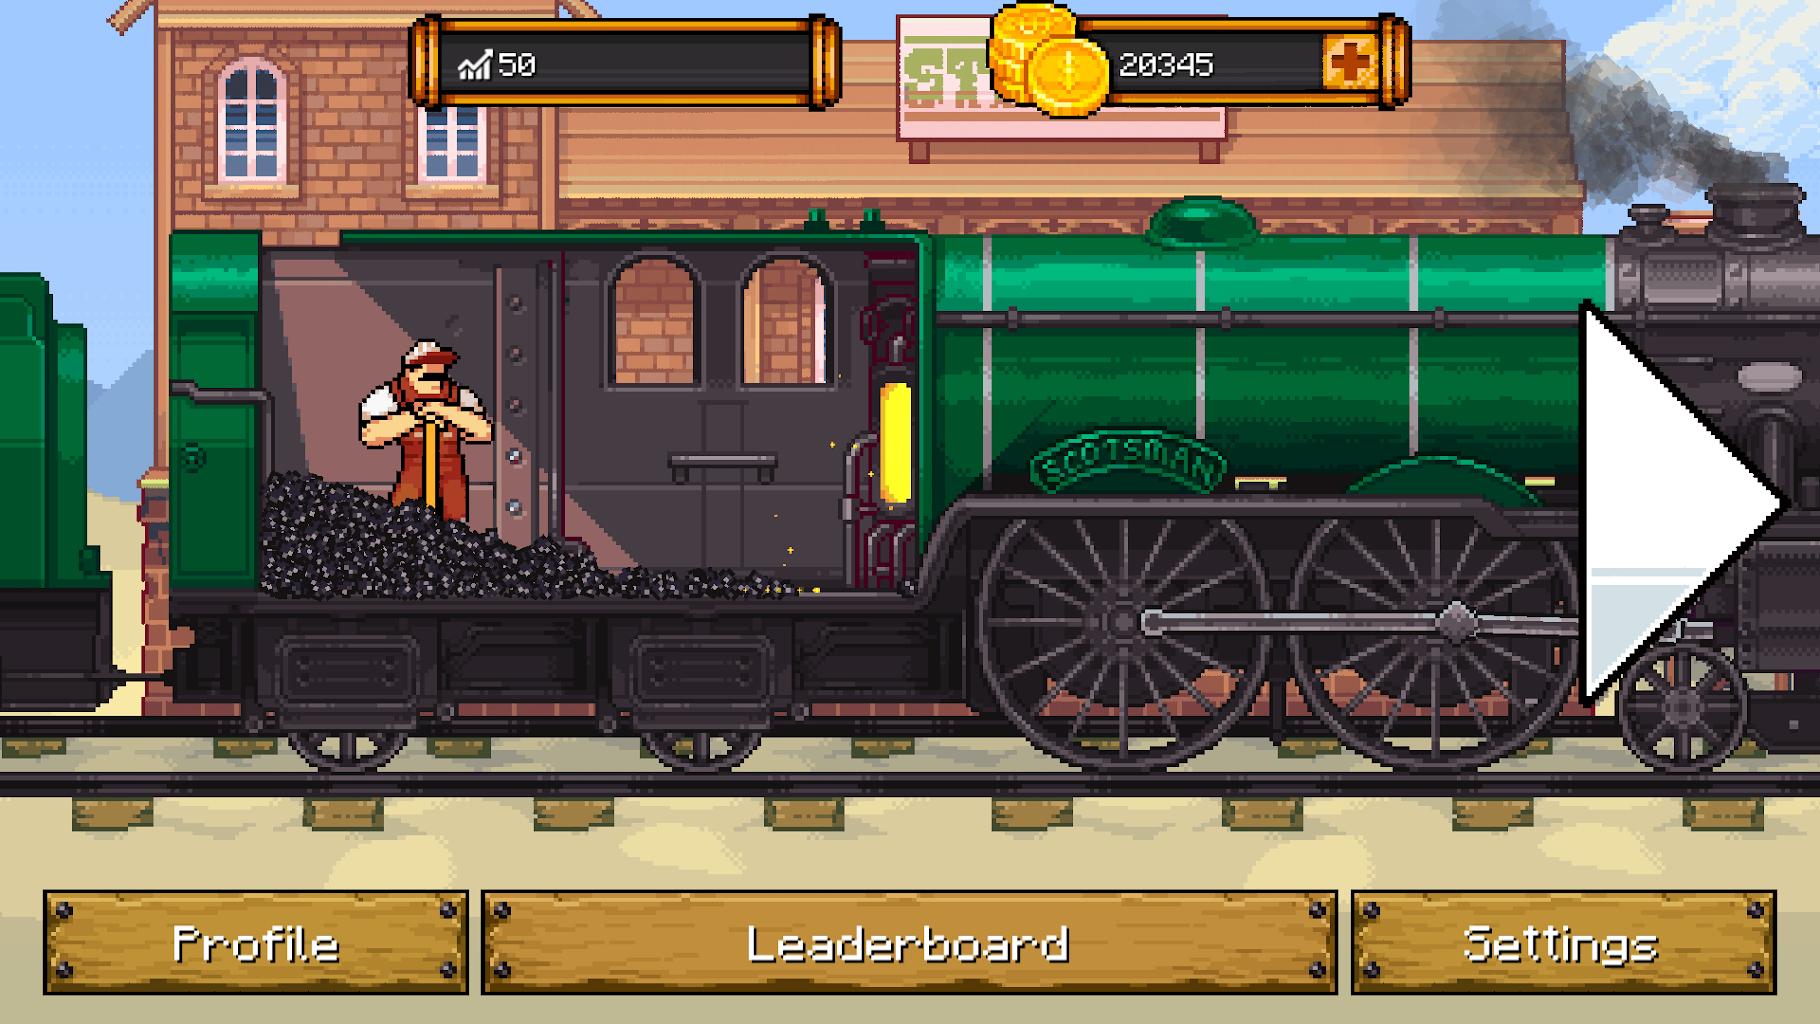 Download Coal Burnout - Race the steam! 1 0 6 APK (MOD money